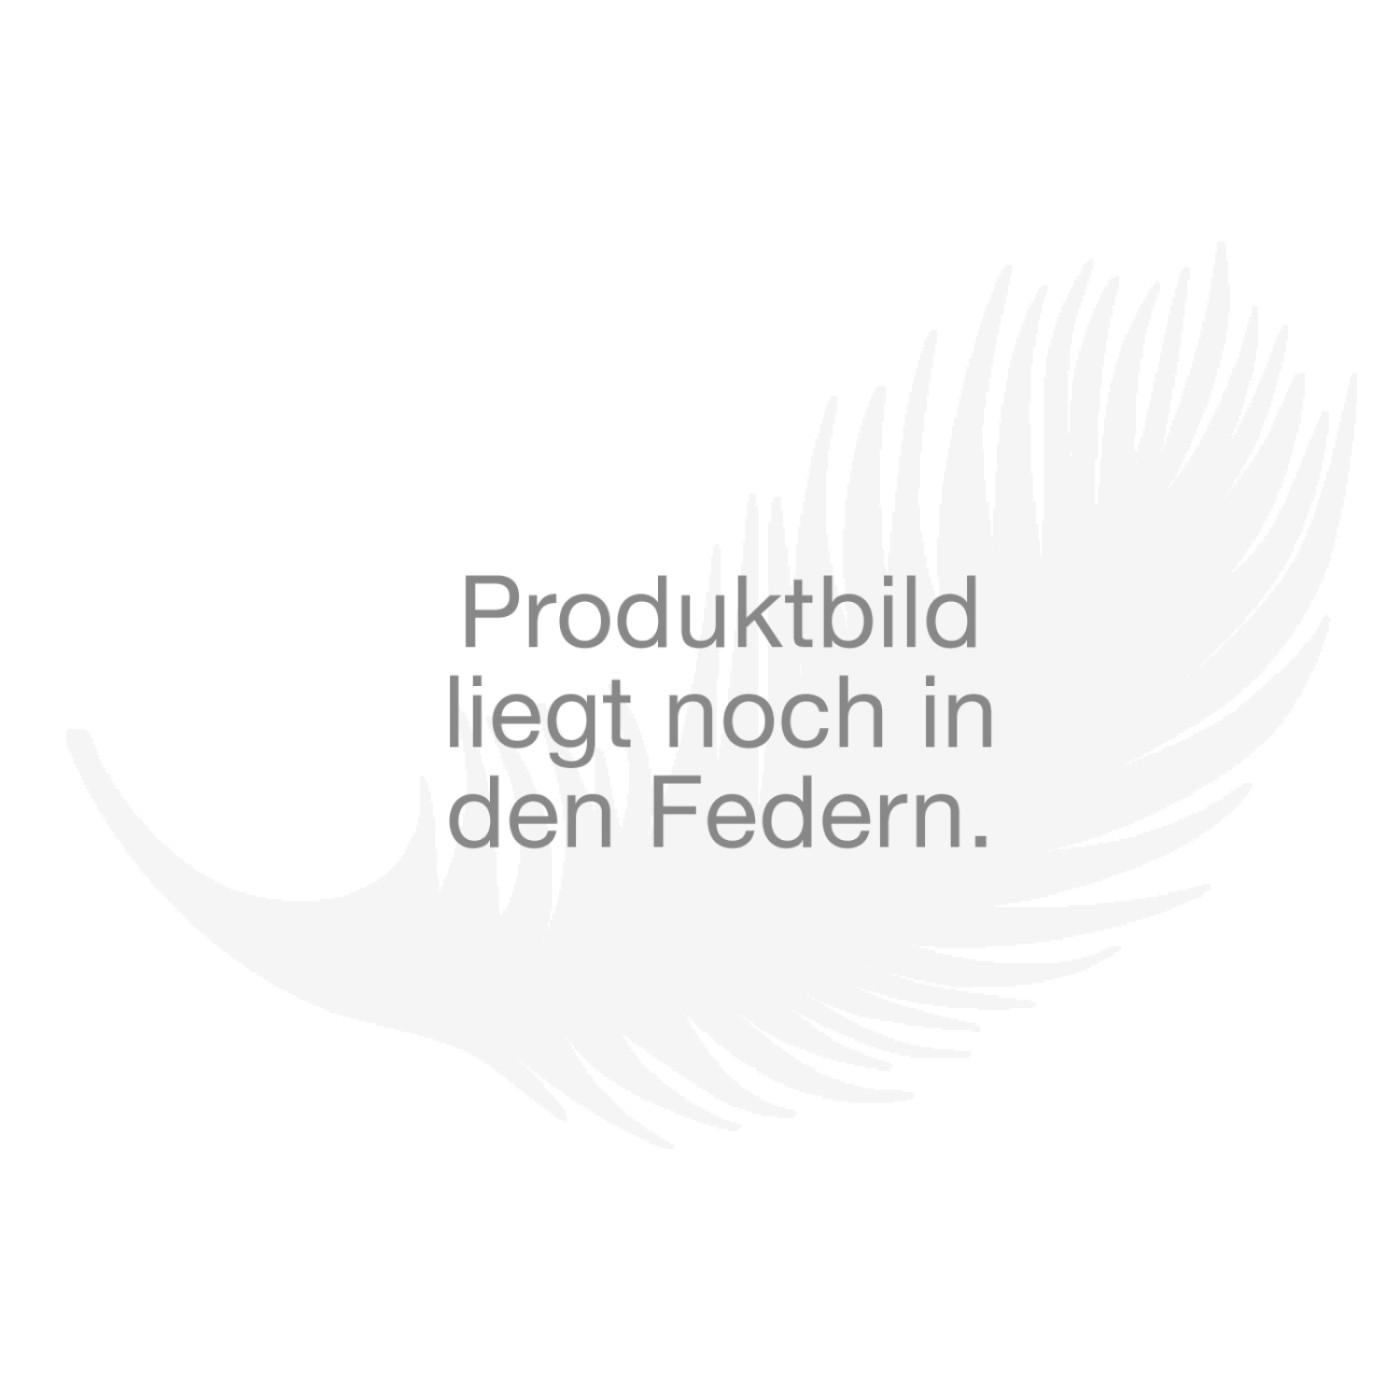 schramm betten preise schramm betten test schramm betten. Black Bedroom Furniture Sets. Home Design Ideas